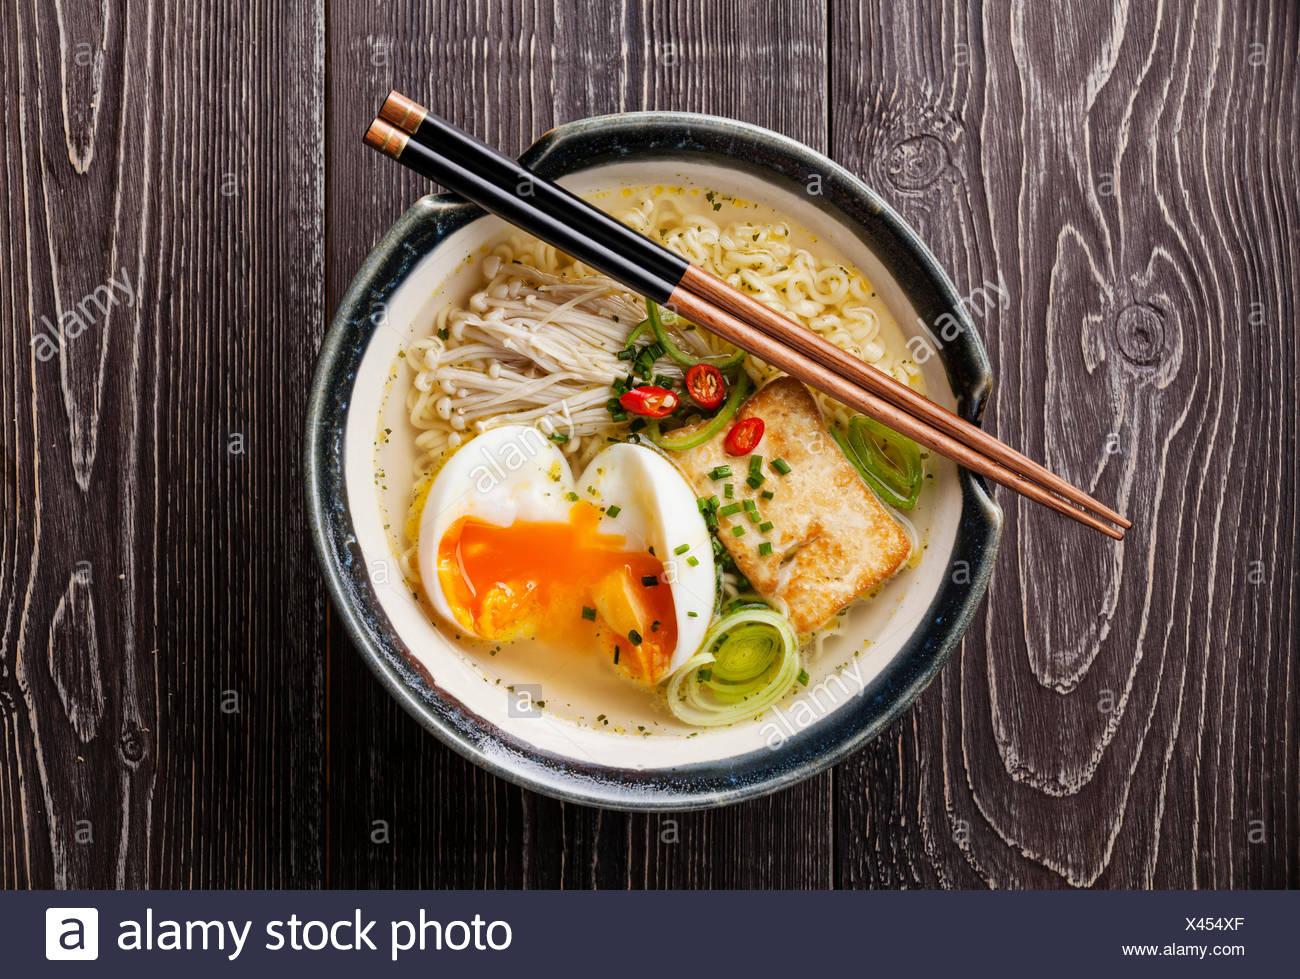 Nouilles ramen Miso asiatique avec des œufs, tofu et enokis dans un bol sur fond de bois gris Photo Stock